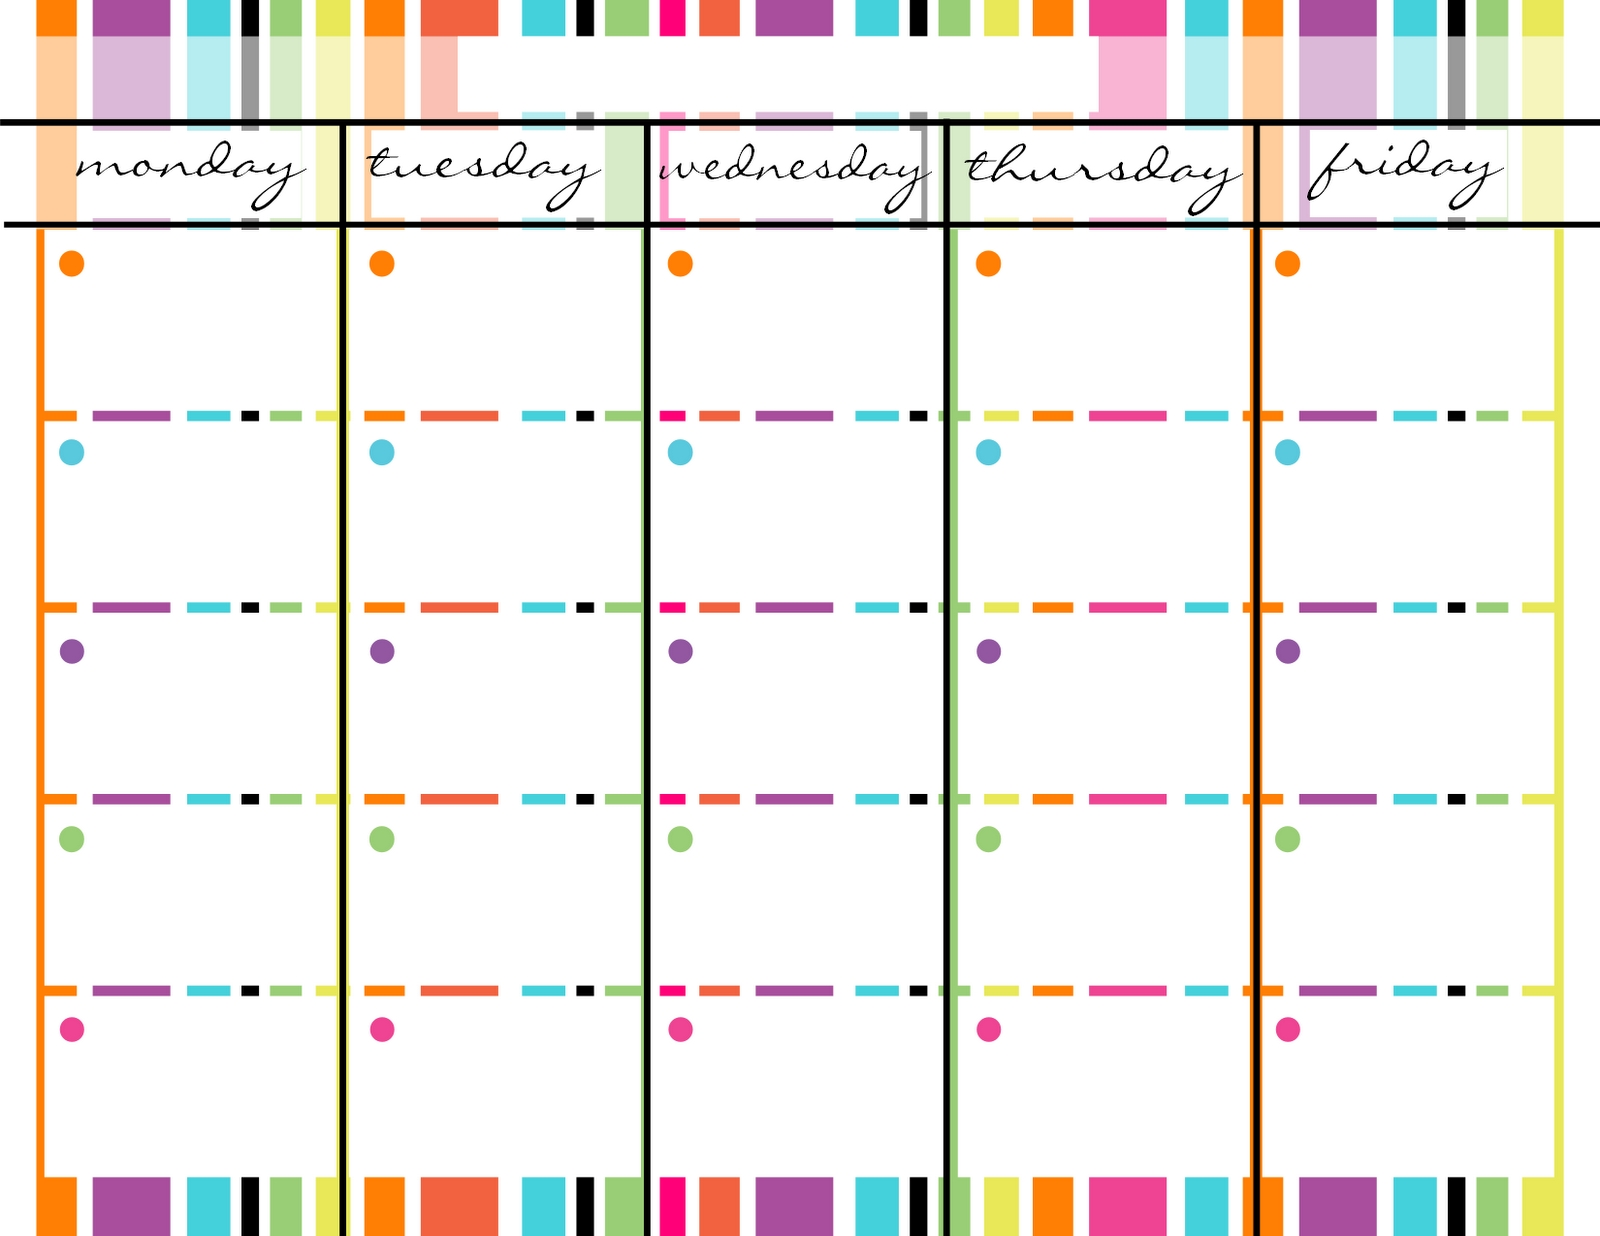 Monday Through Friday Schedule Template Free | Calendar 2018 Design  Printable Weekly Calendar Monday Through Friday